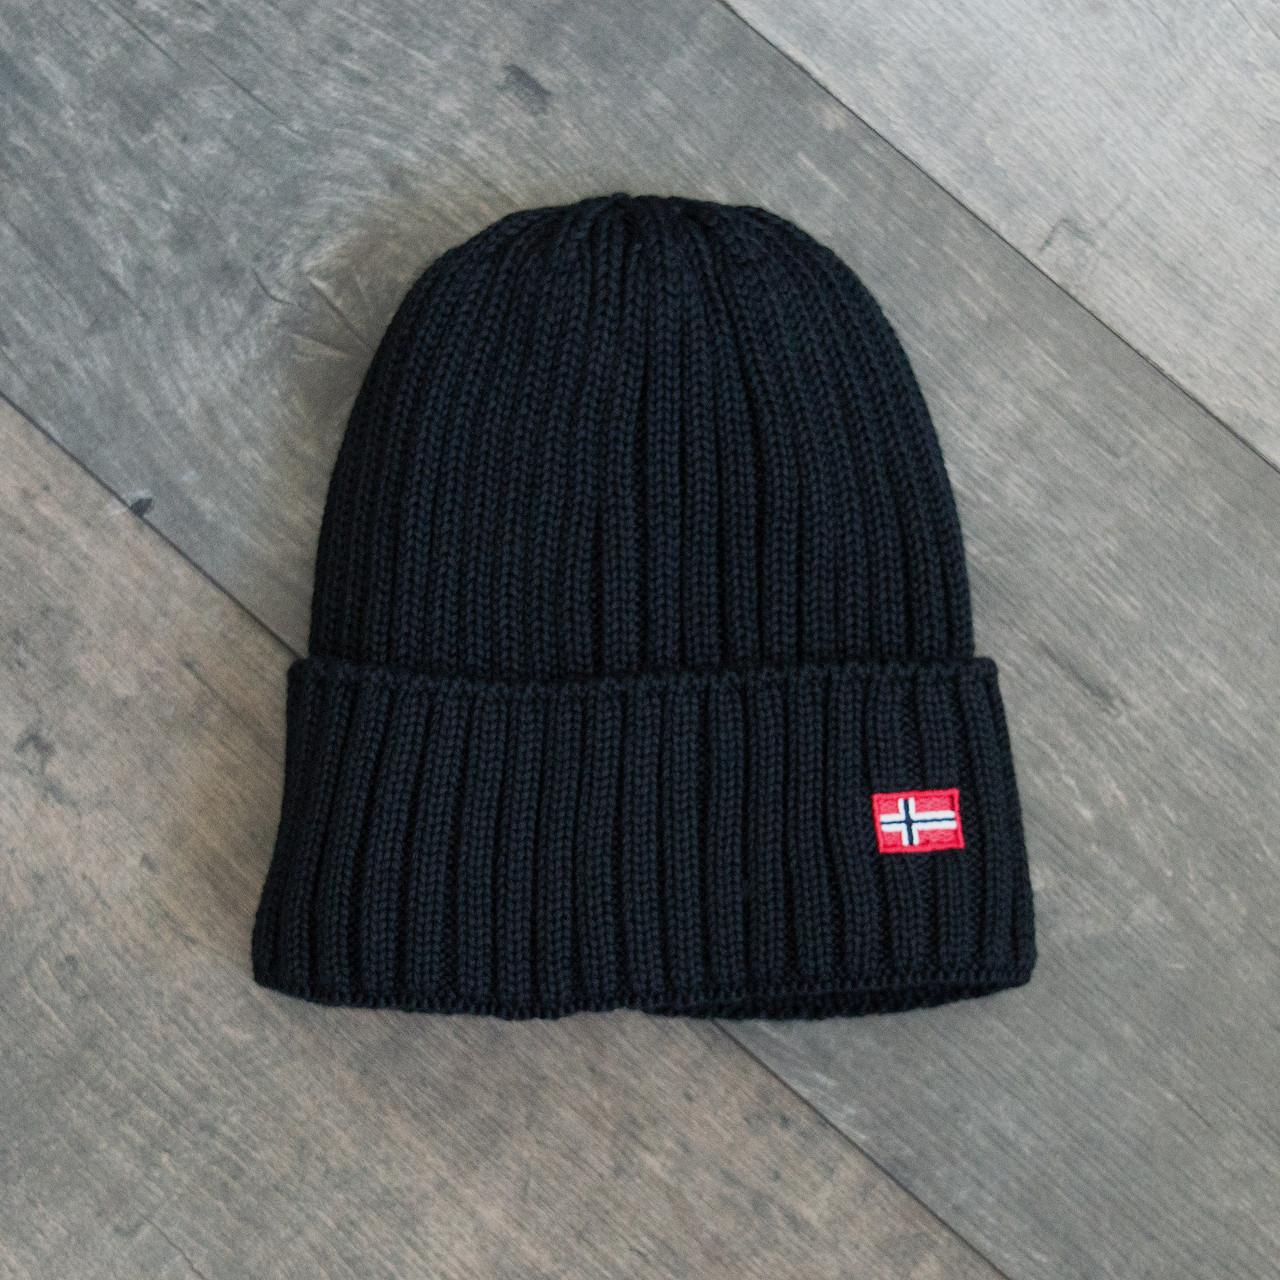 Зимова шапка чорна унісекс Napapijri